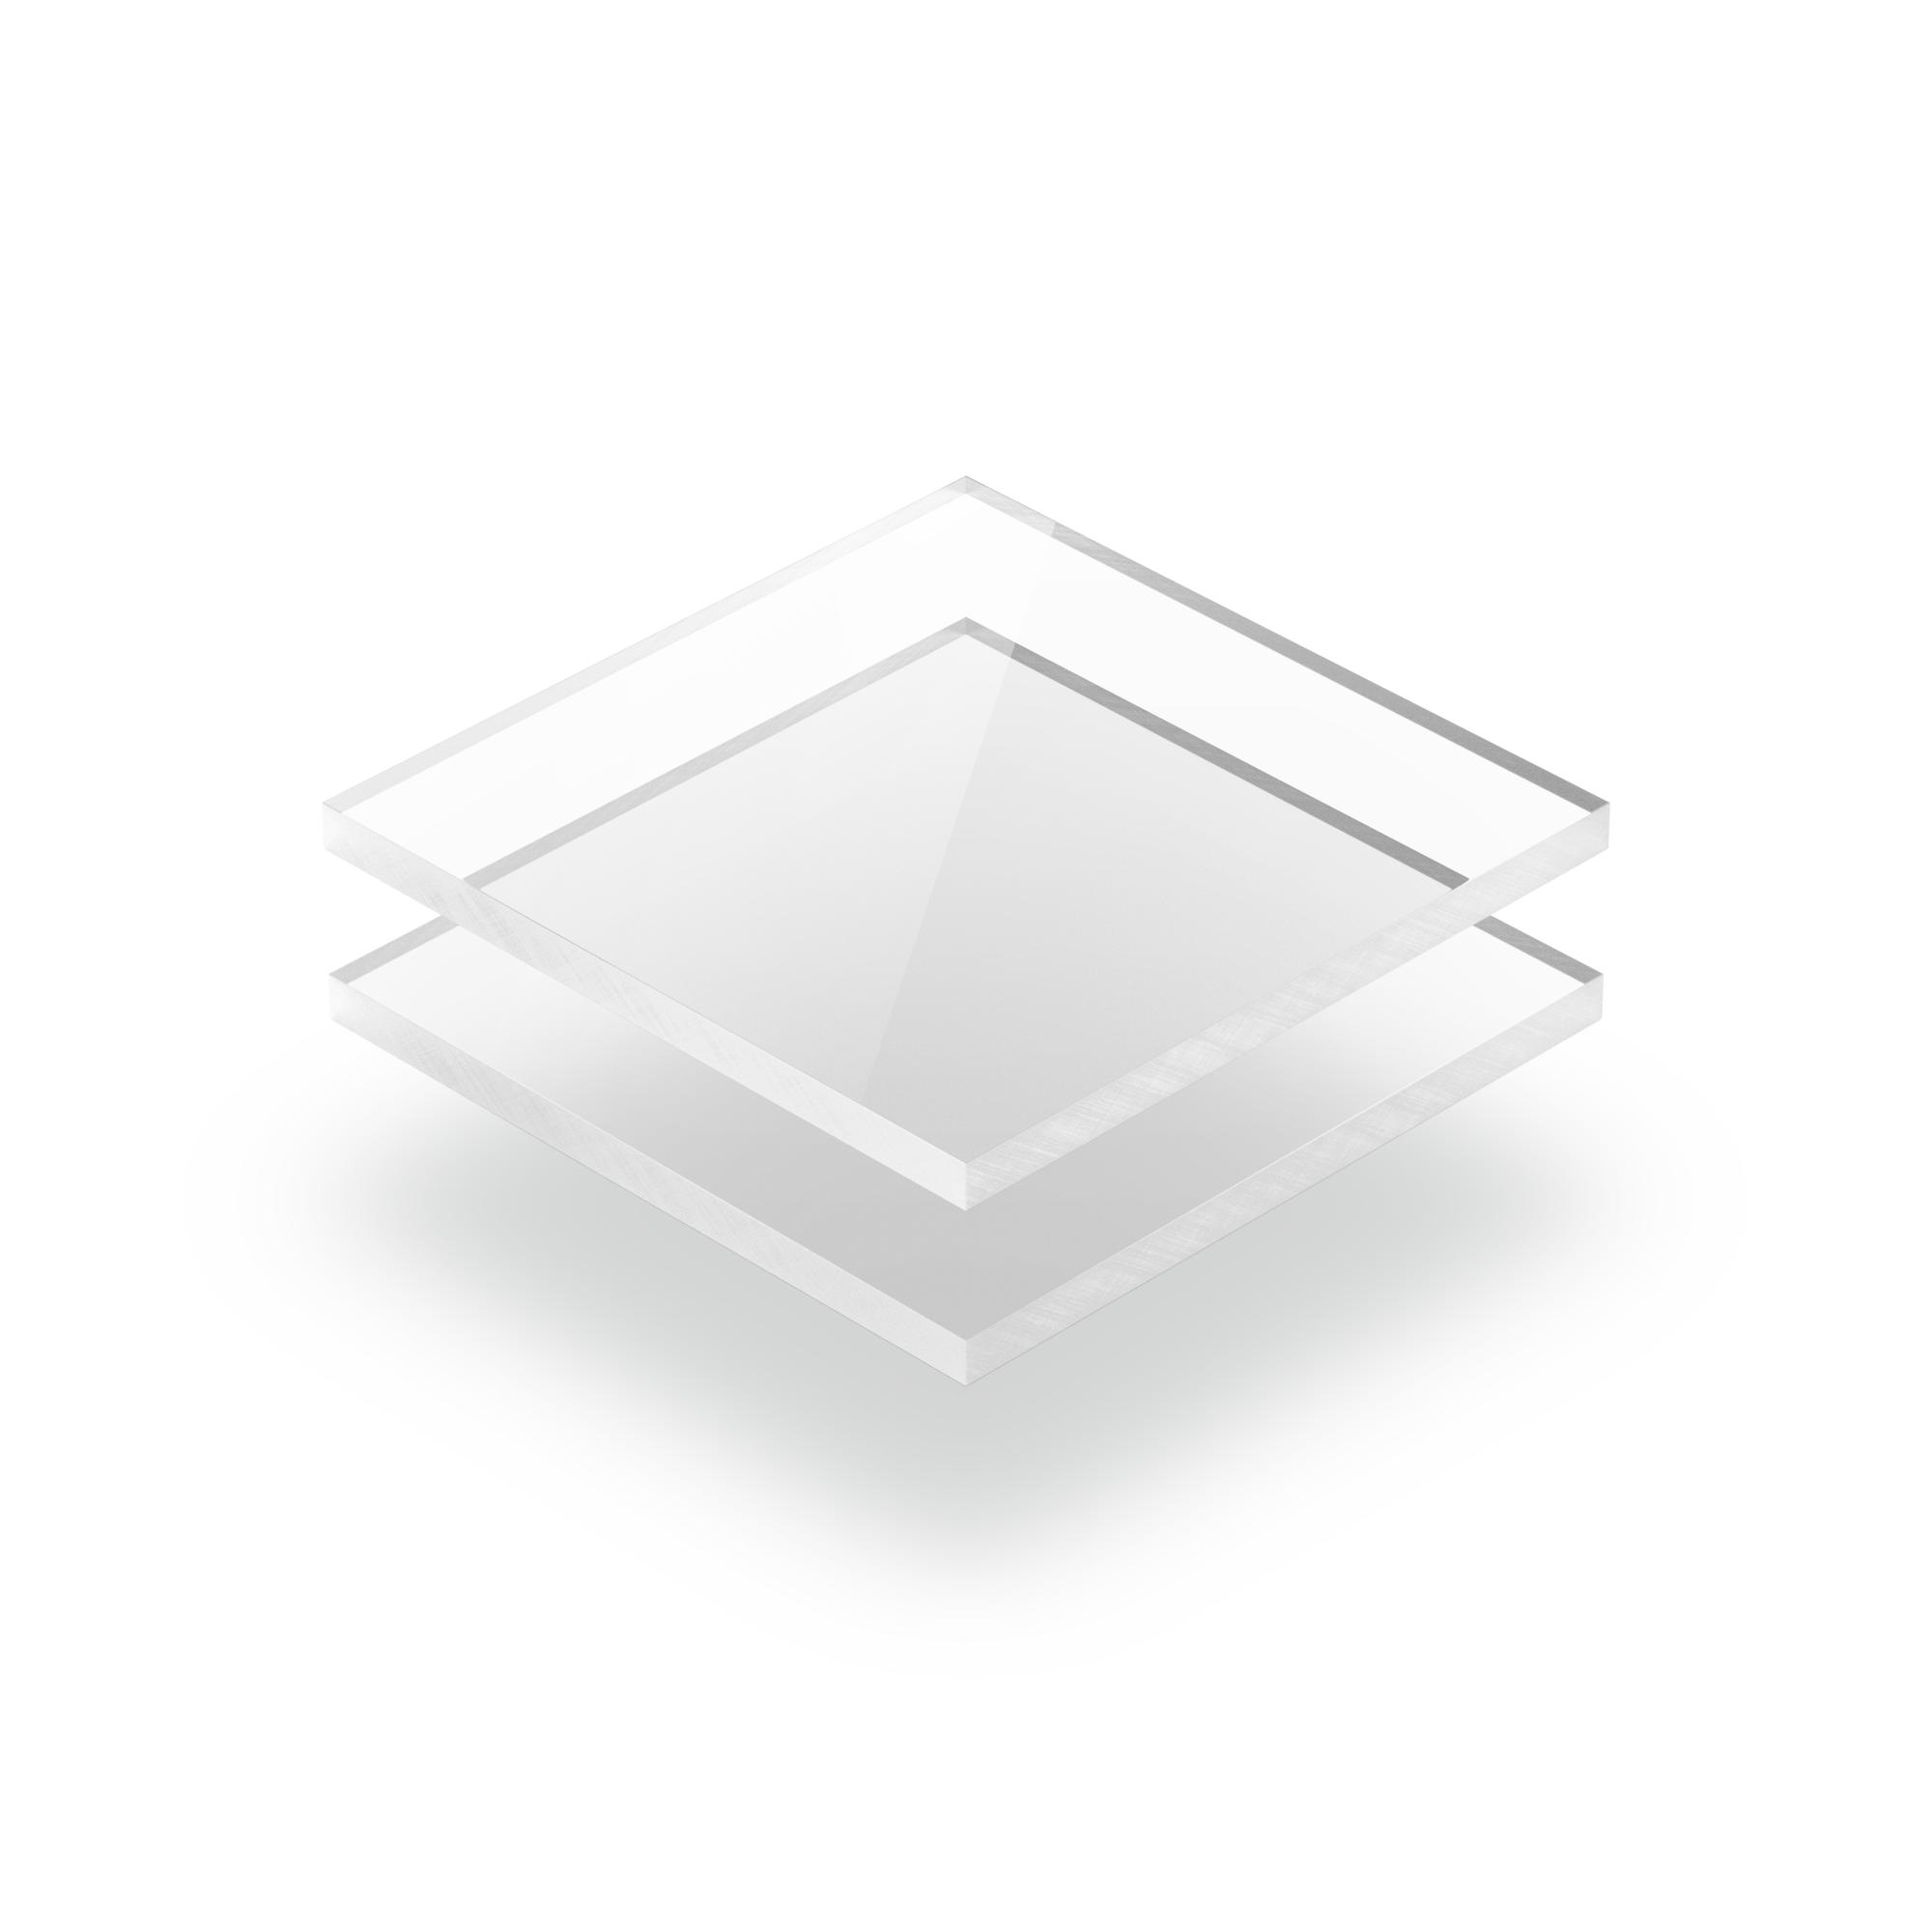 Acrylglas 10mm GS PMMA Transparent Glasklar Kreise Laserschnitt laser polierte Kante Gr/ö/ße W/ählbar 100 mm Durchmesser